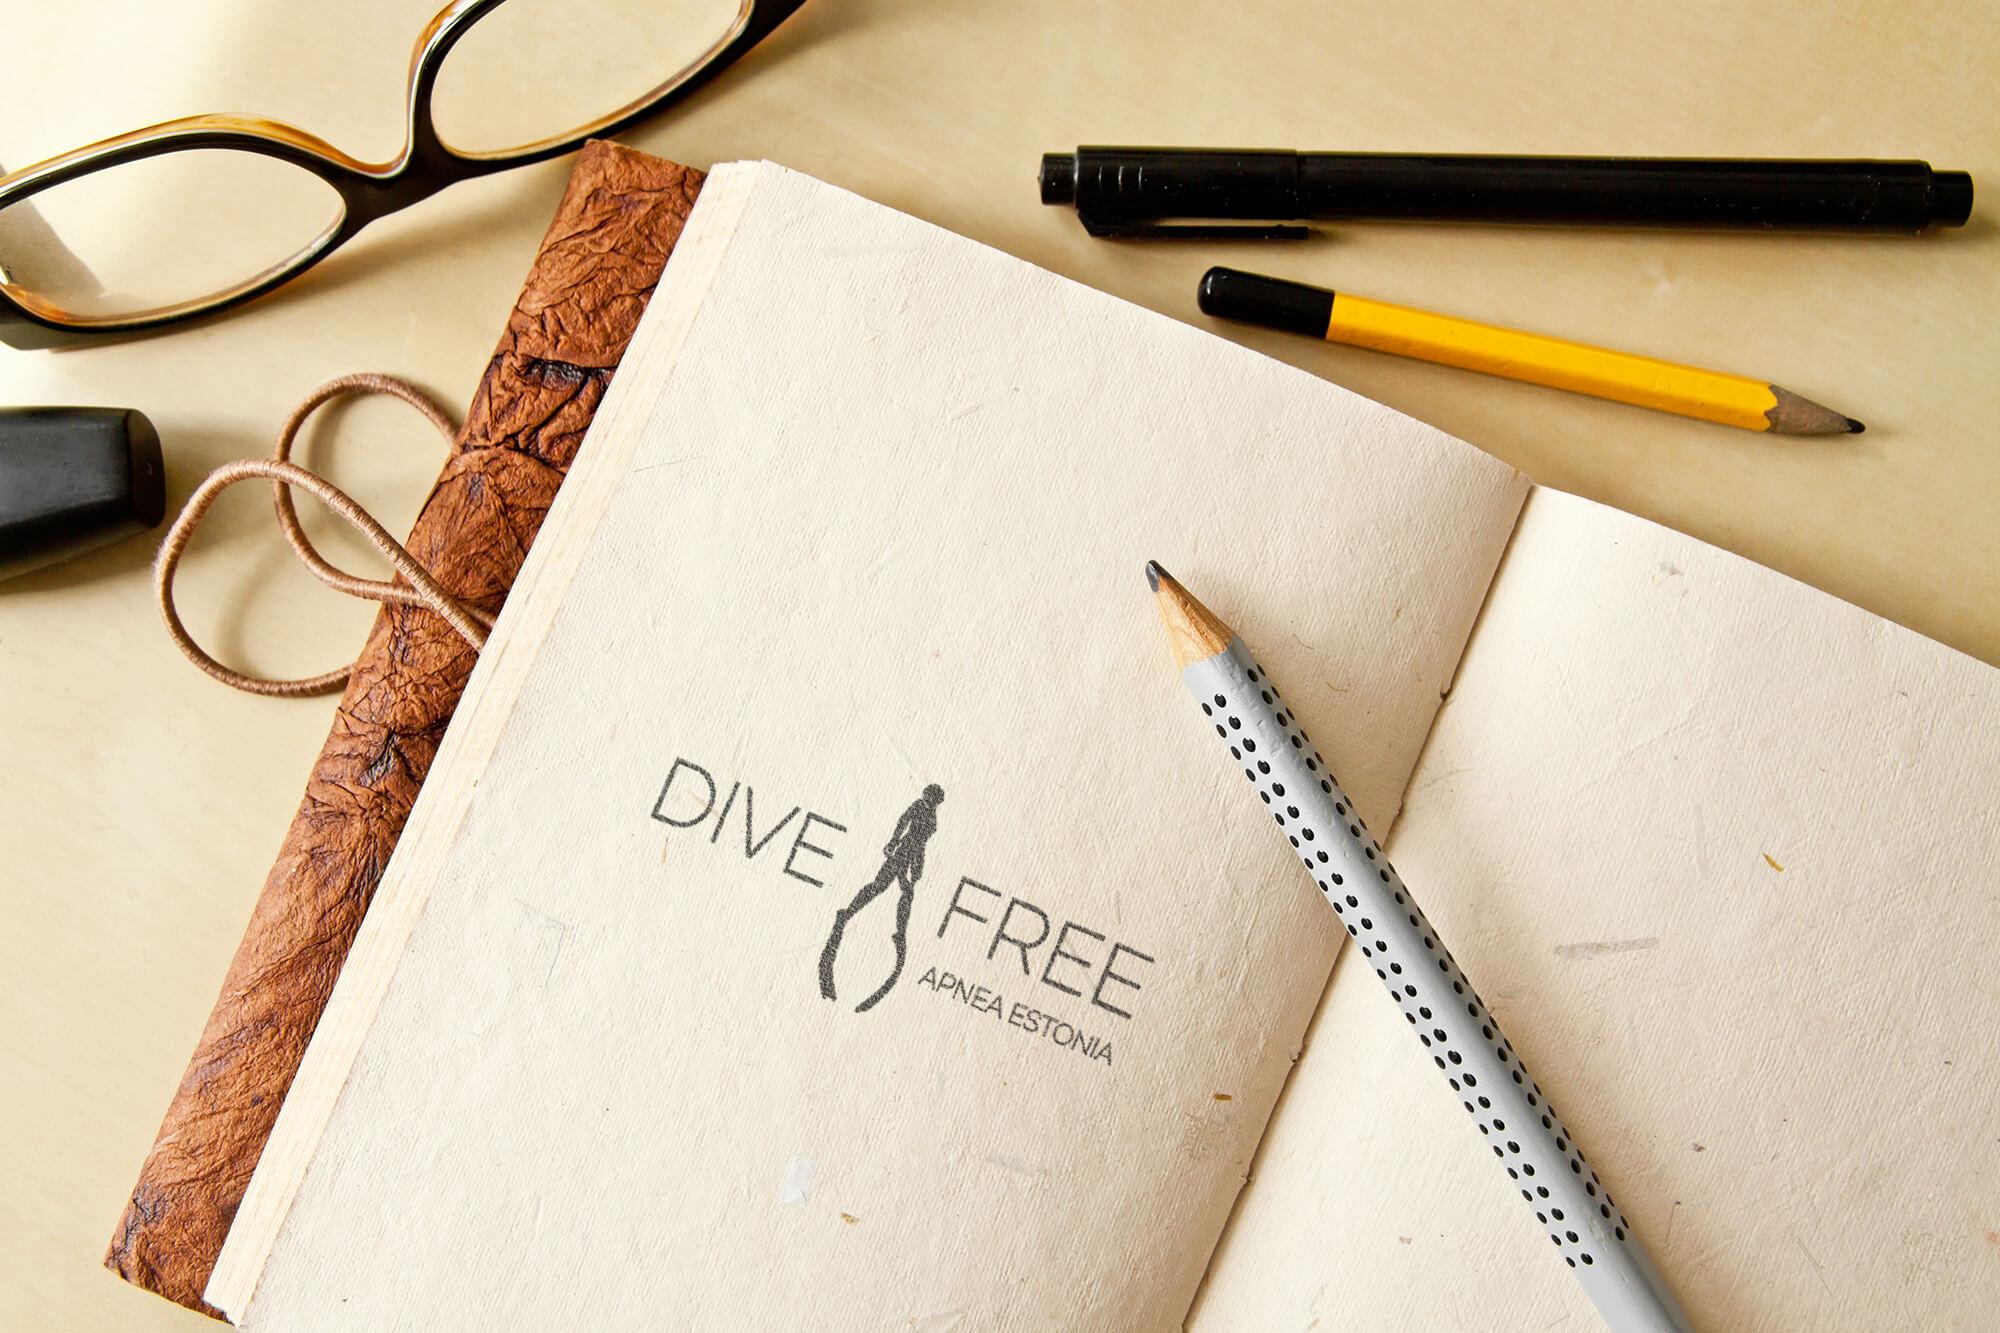 Dive Free logo